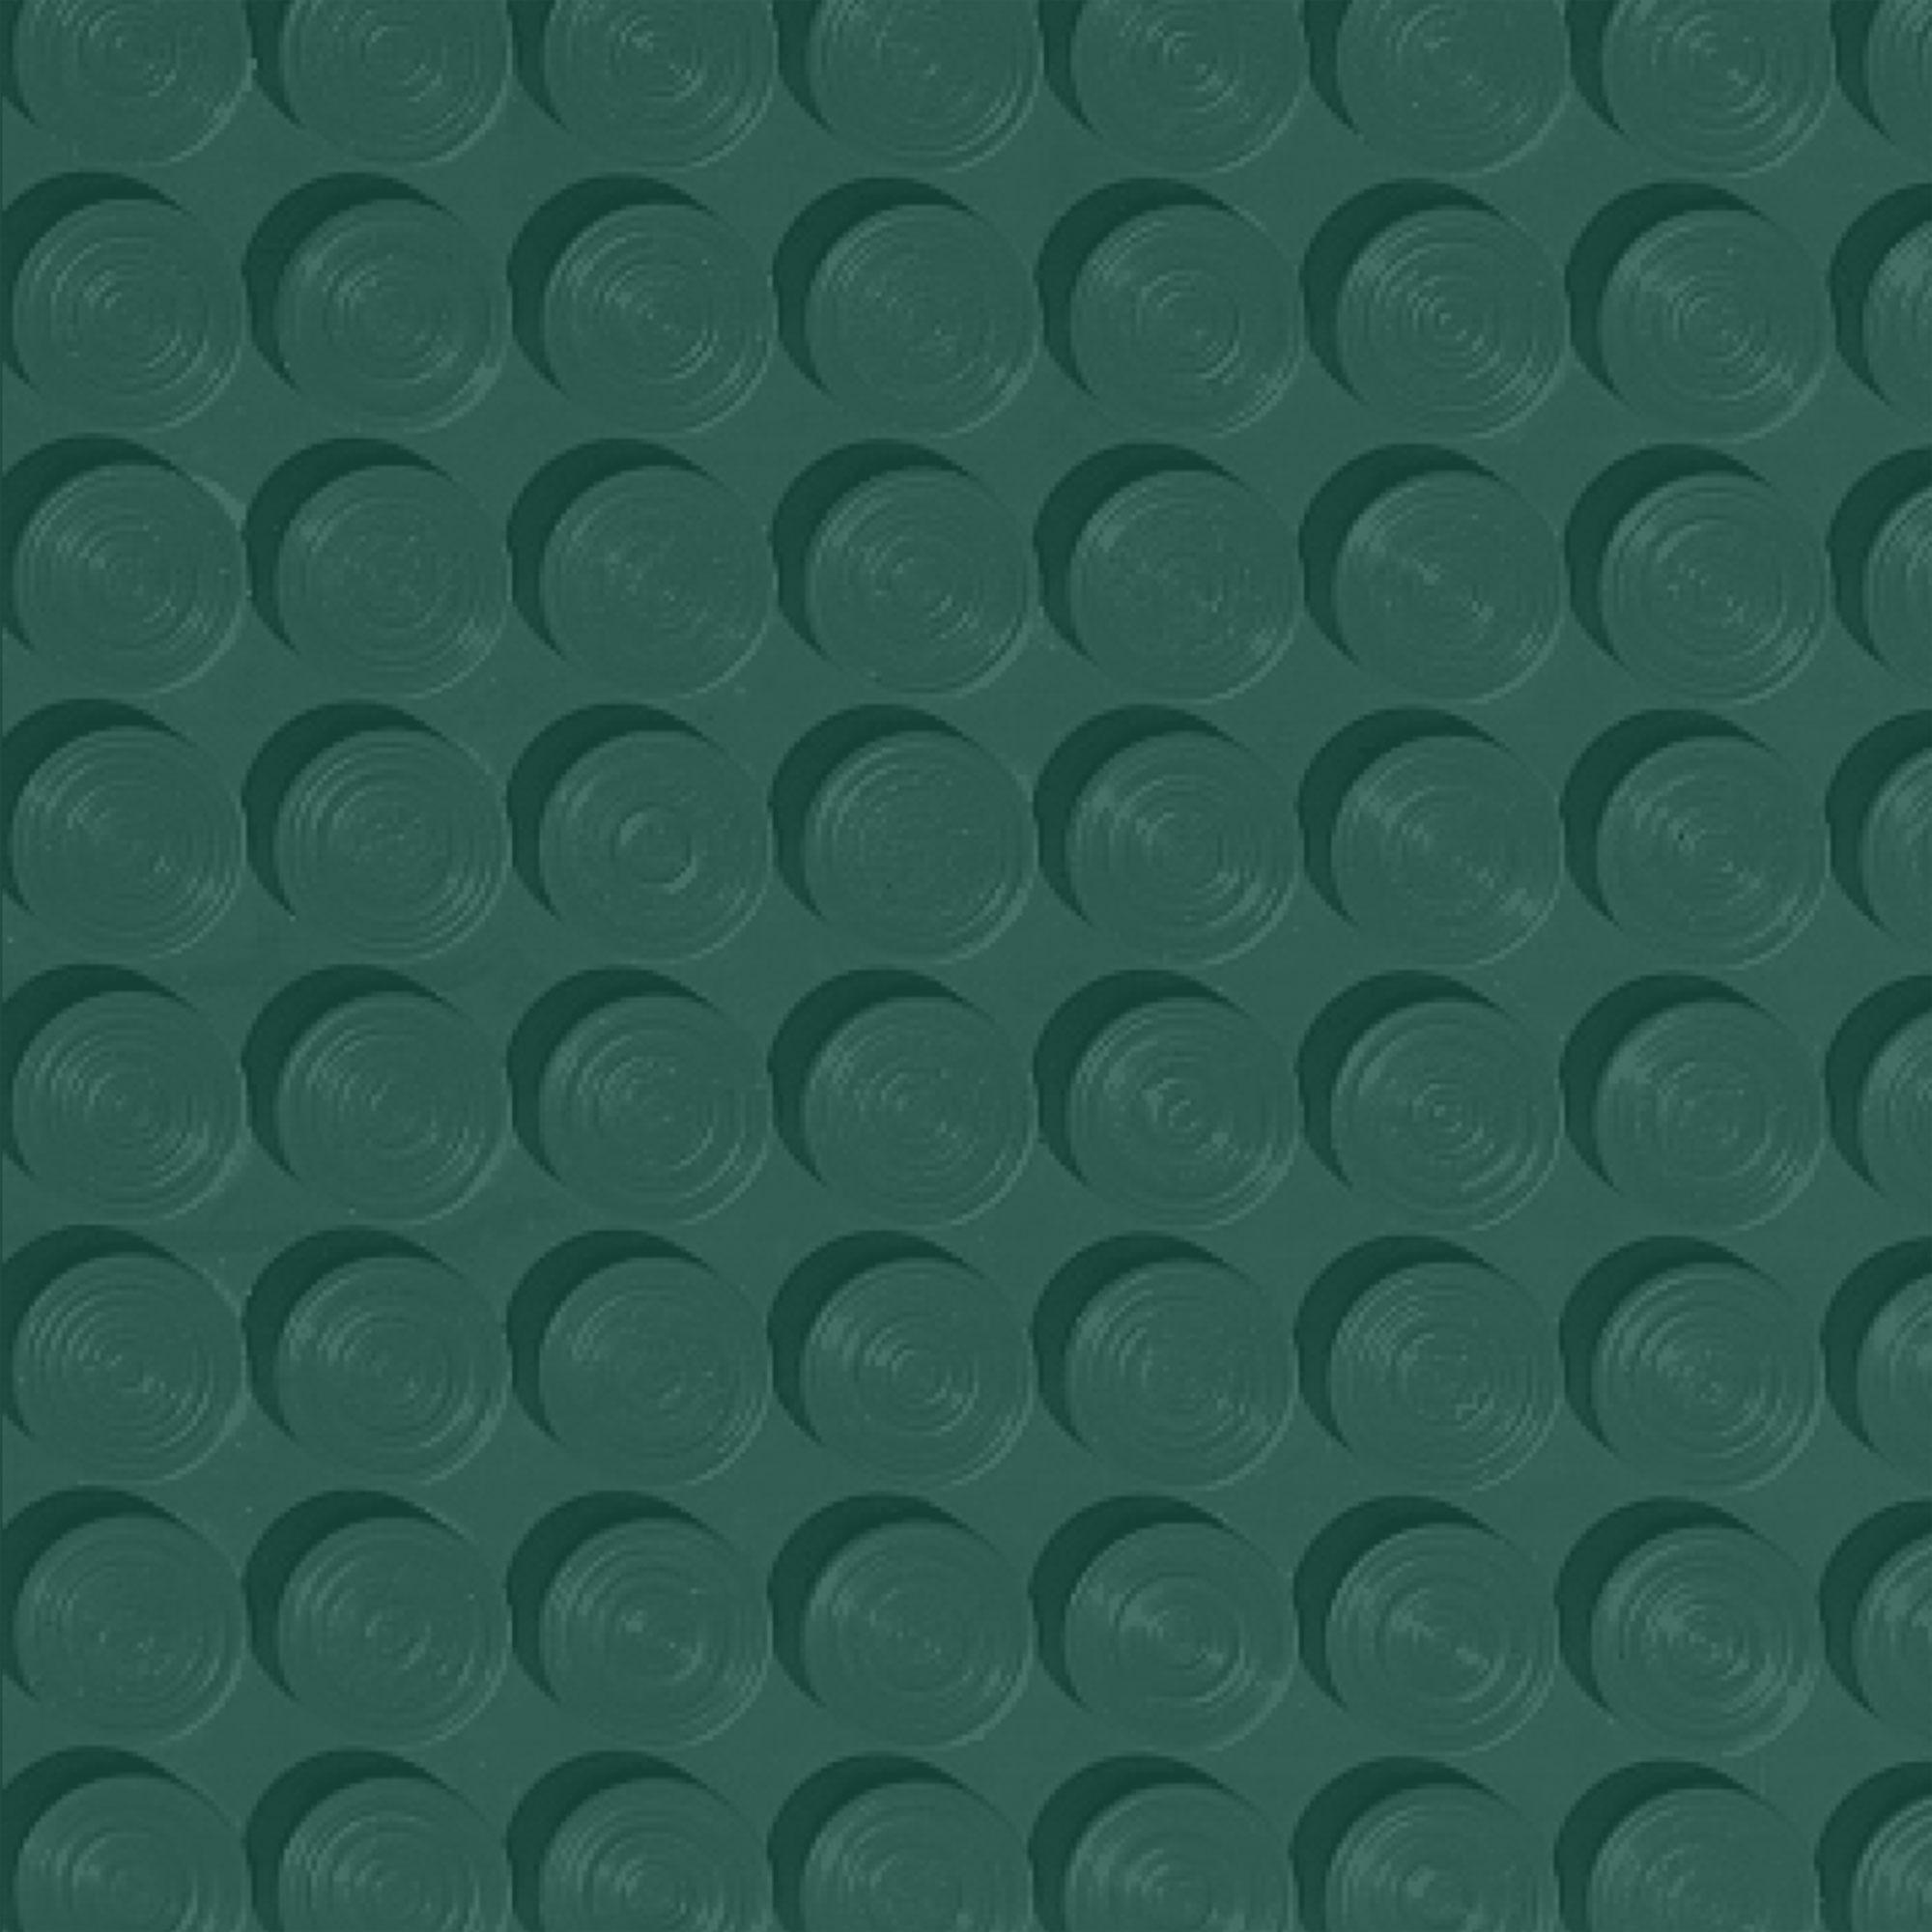 Roppe Rubber Tile 900 - Lug Back Vantage Design (LB996) Forest Green Rubber Flooring